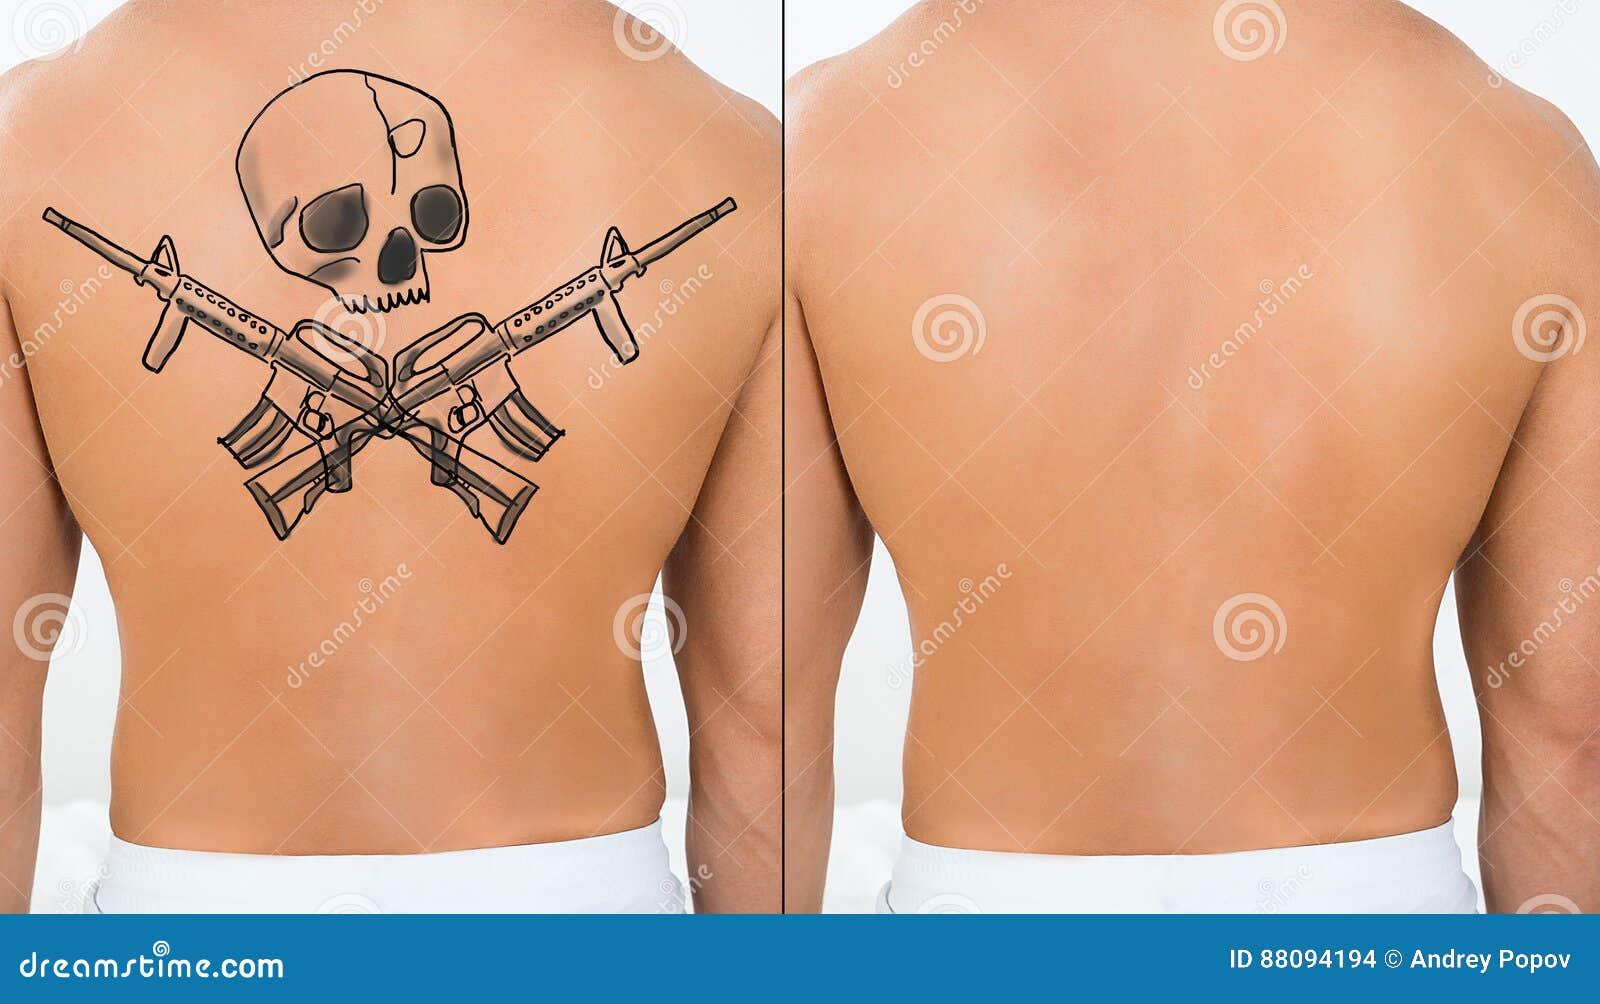 Person Showing Laser Tattoo Removal behandling på baksida